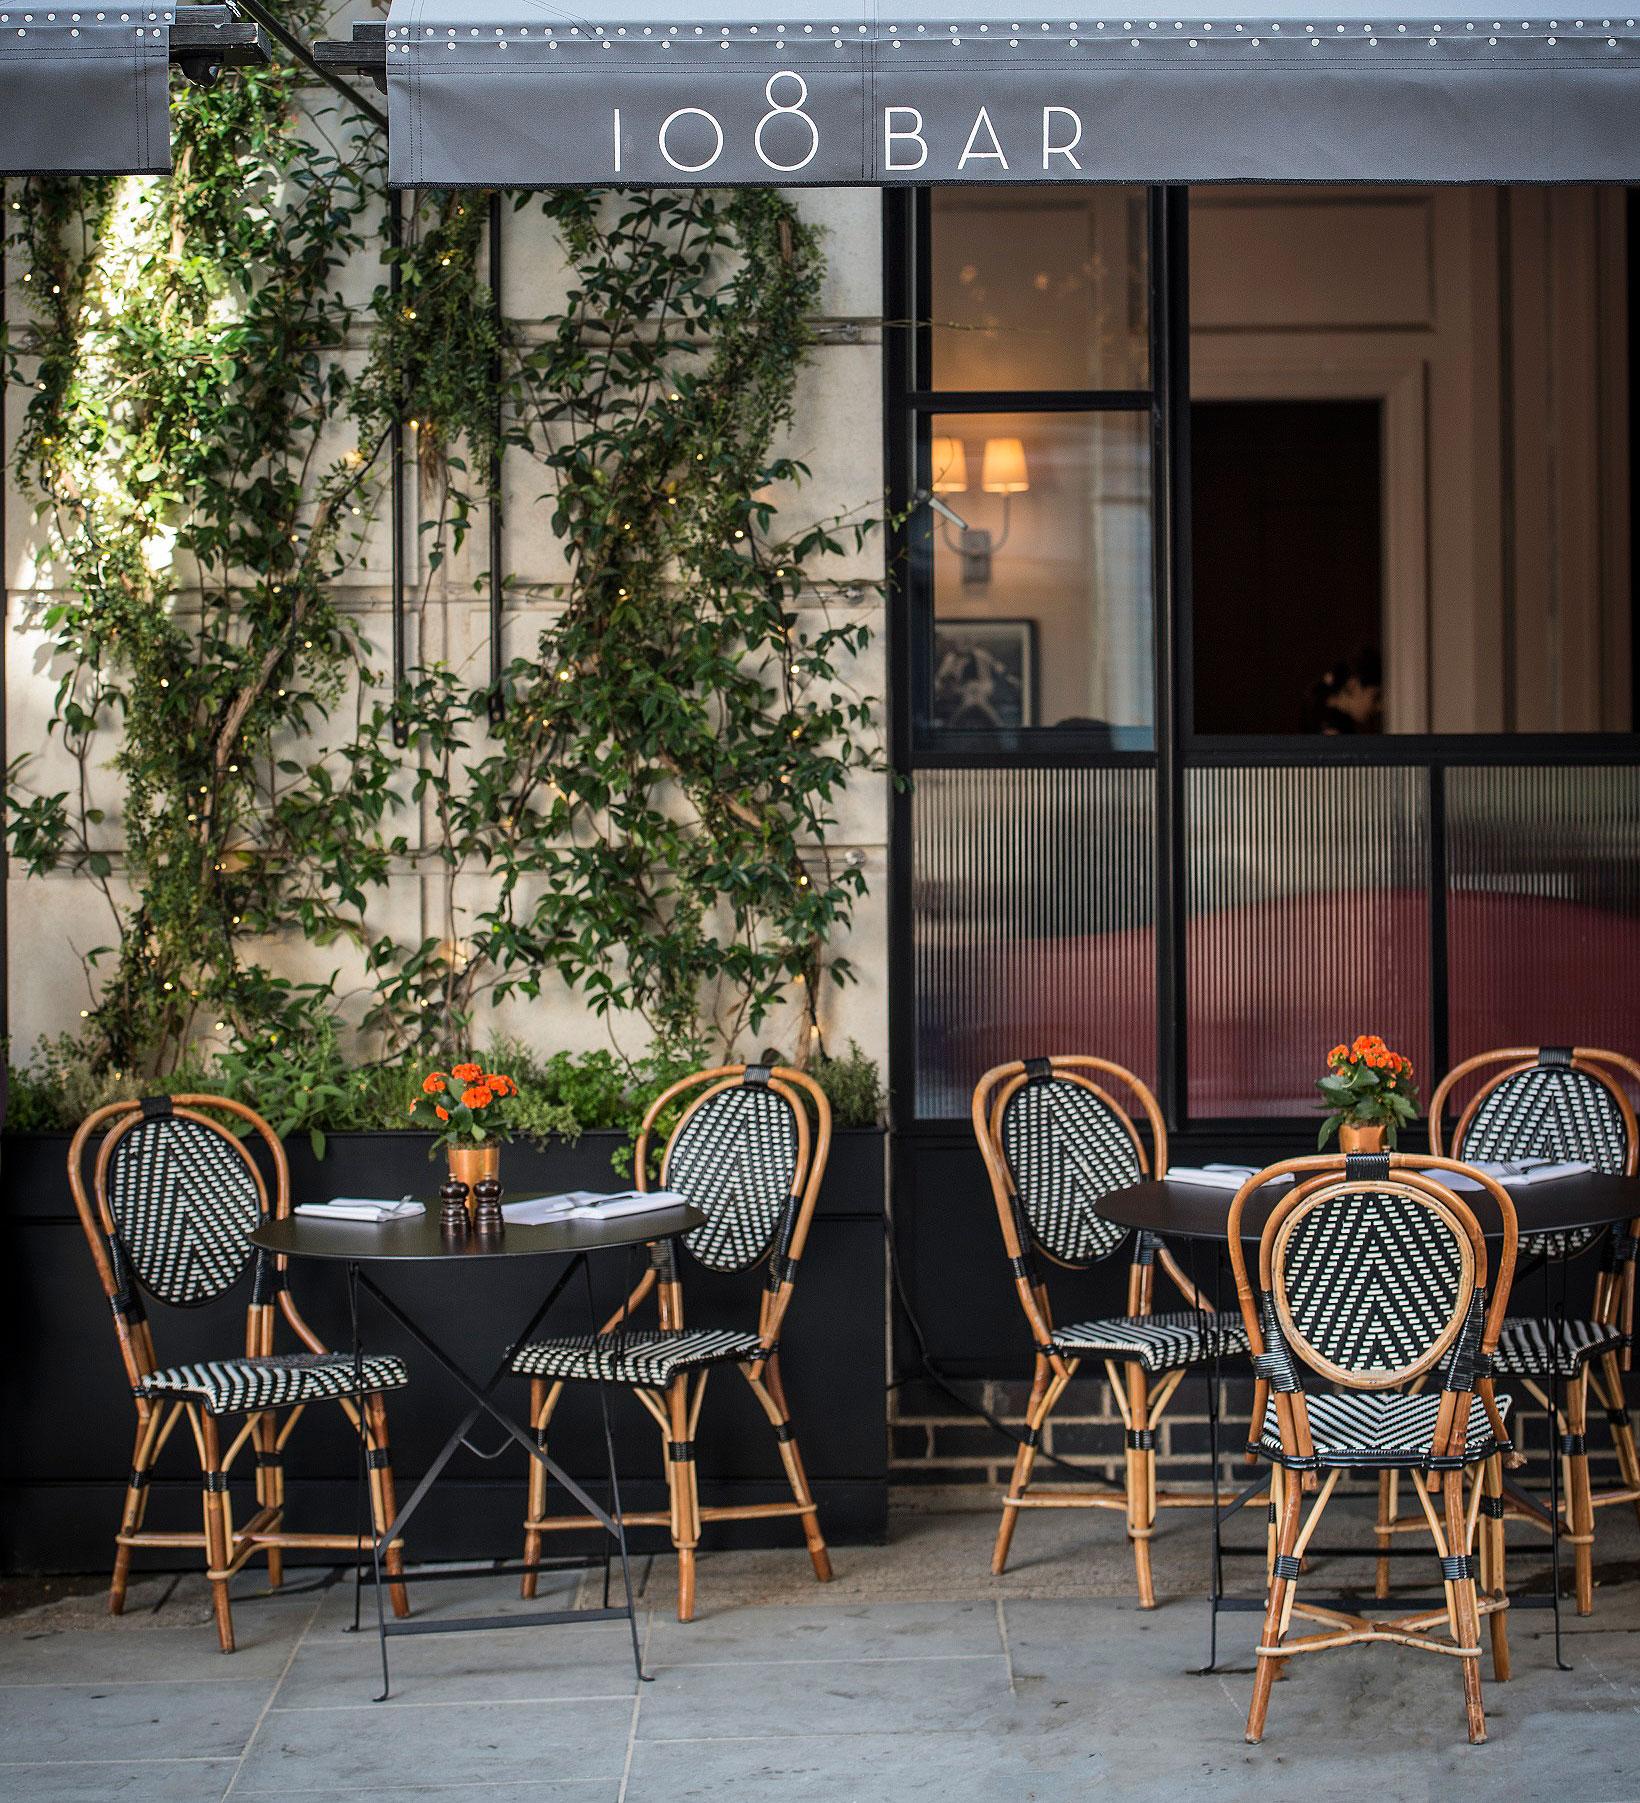 Breakfast-on-the-lane-108-Brasserie-London-4